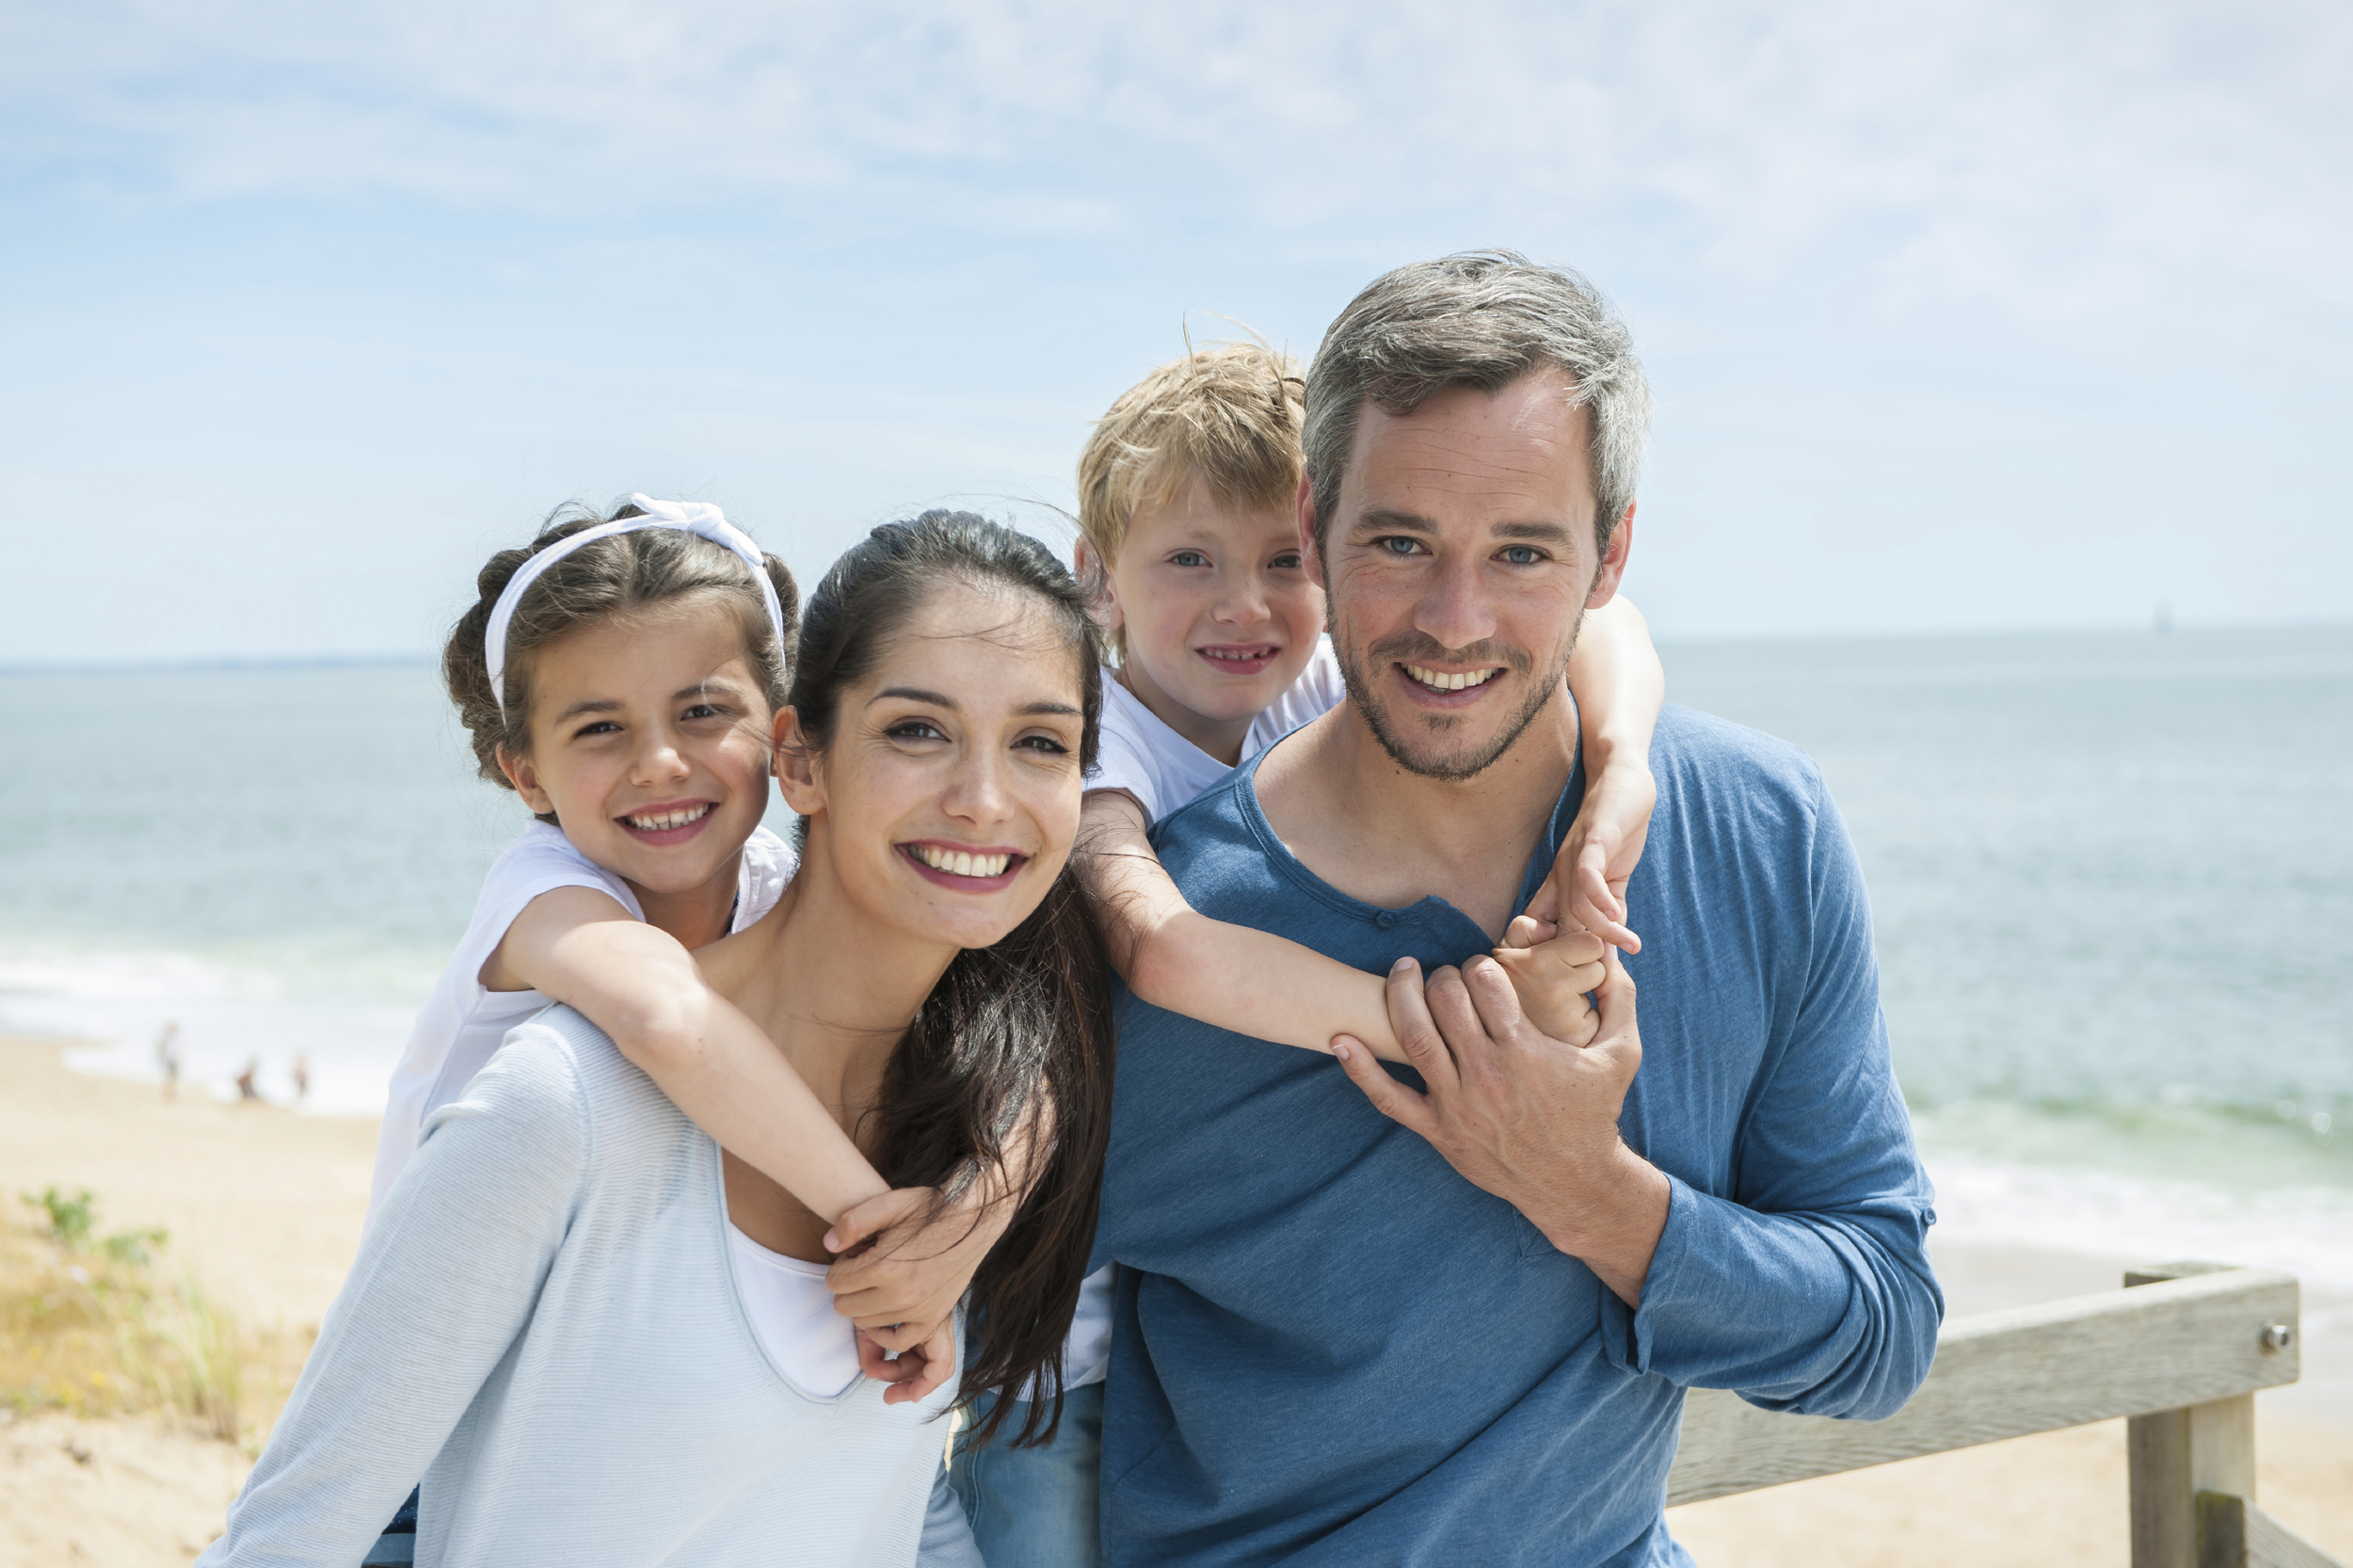 smiling-family-on-the-beach.jpg